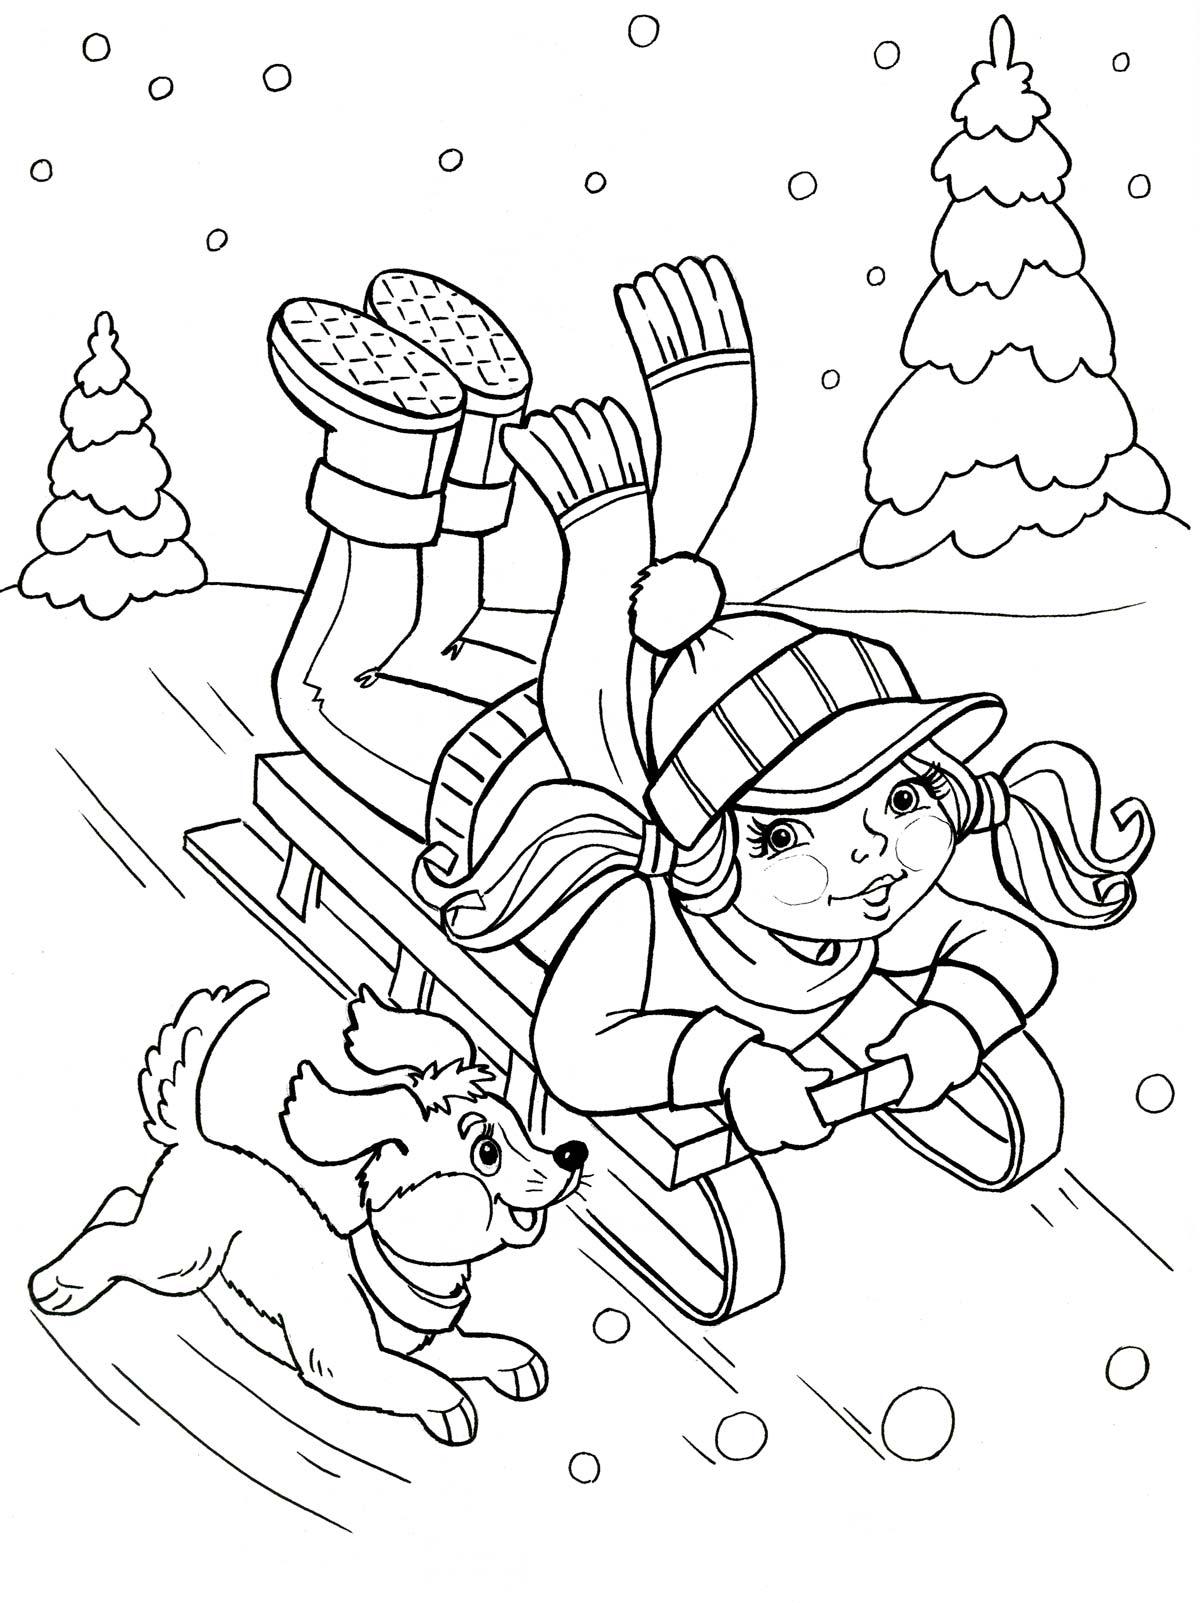 Раскраски для детей бесплатно  Распечатать картинки для детей